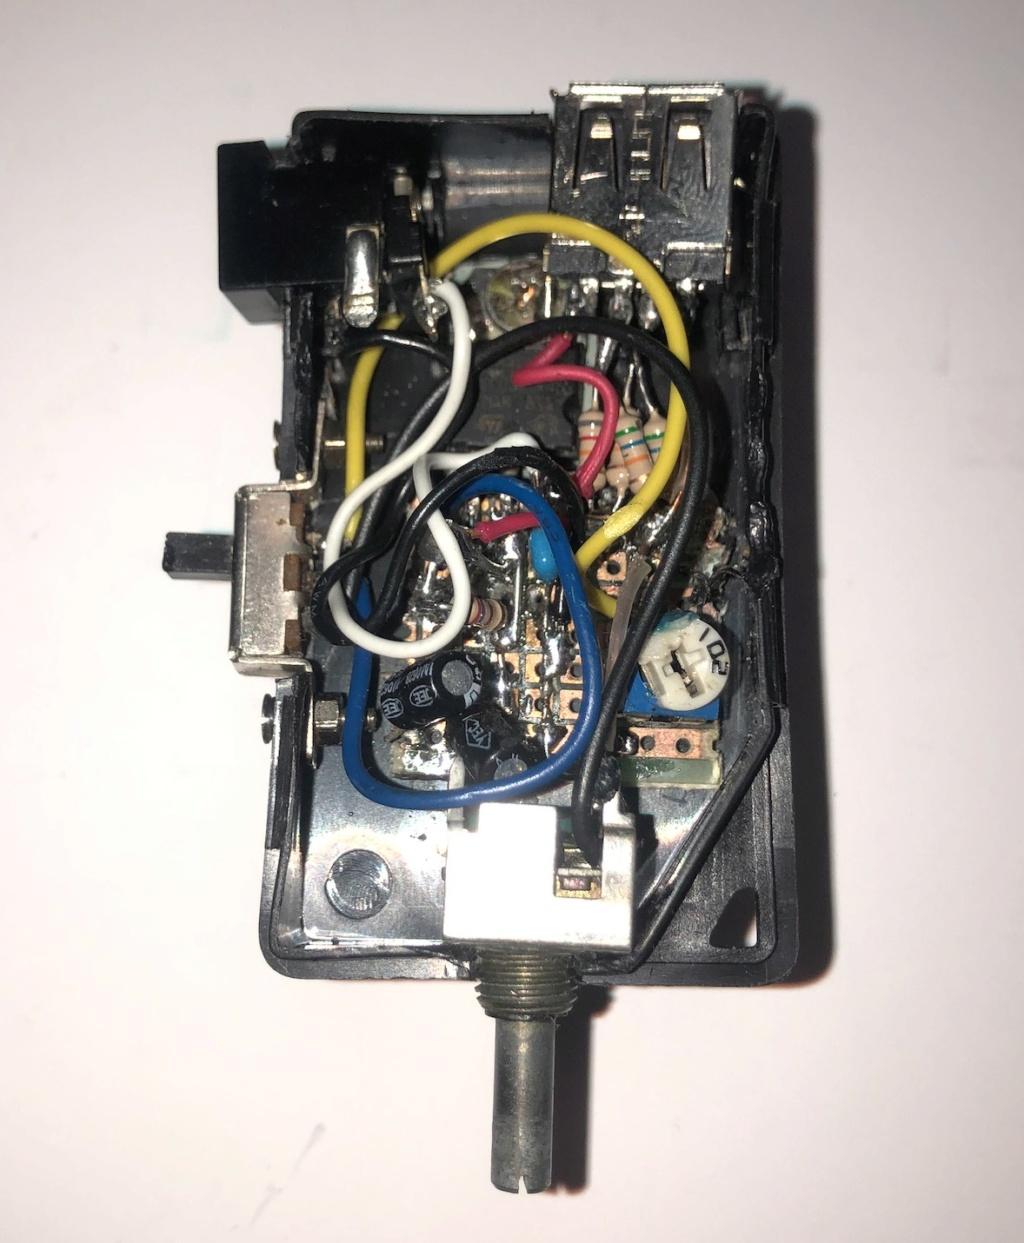 Mise en pratique et échanges autour de la réparation électronique : le Repair Café - Page 2 Captu761